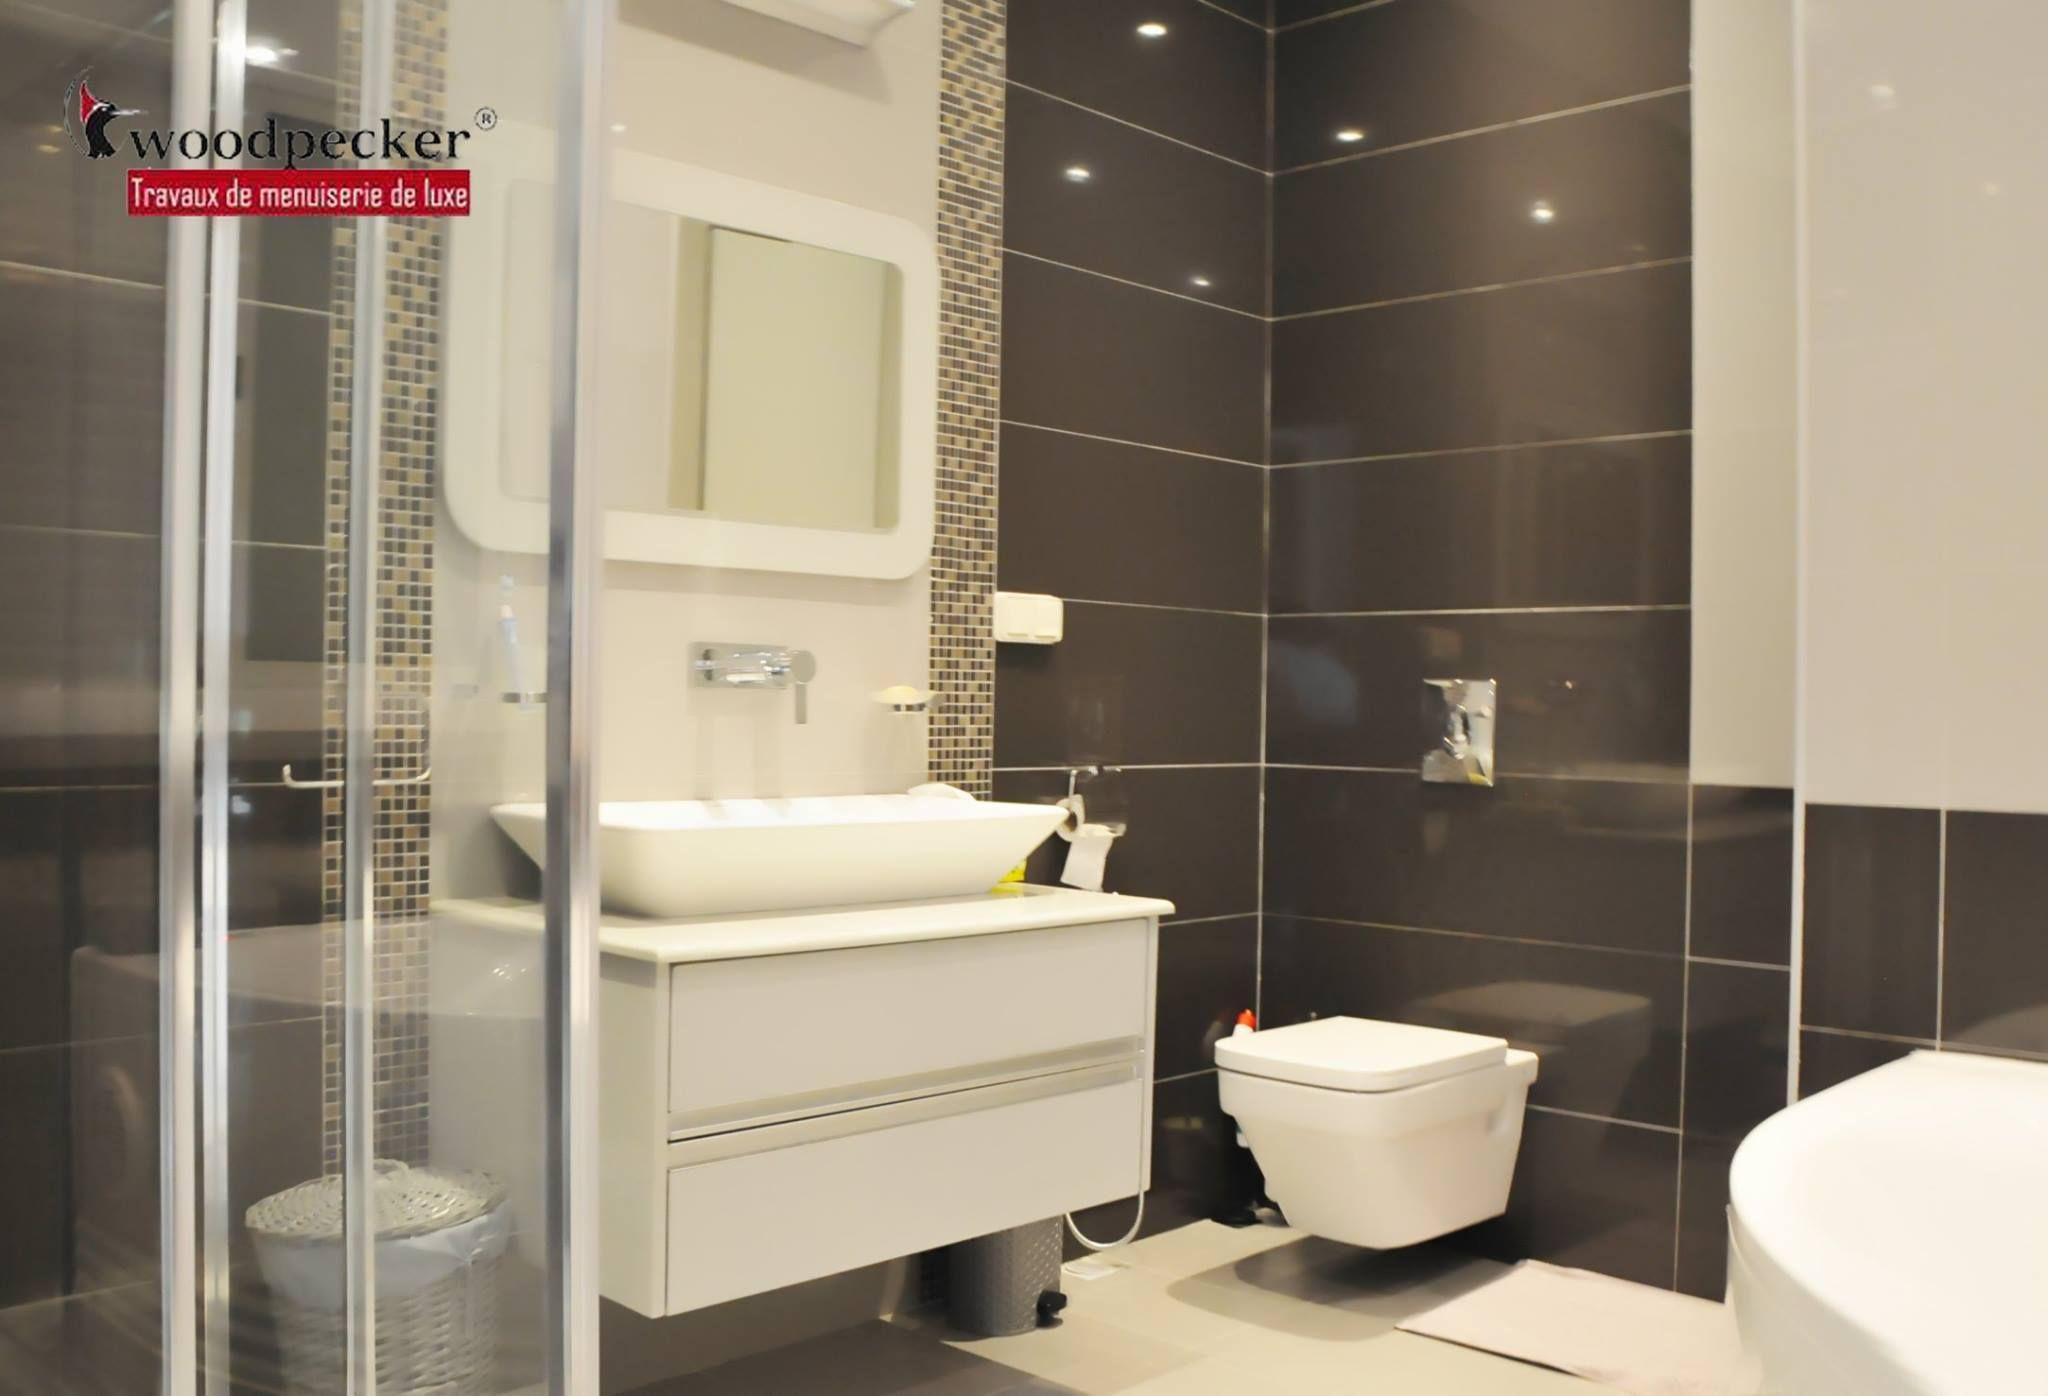 Meuble Salle De Bain Tunisie Meuble Salle De Bain Meuble Salle